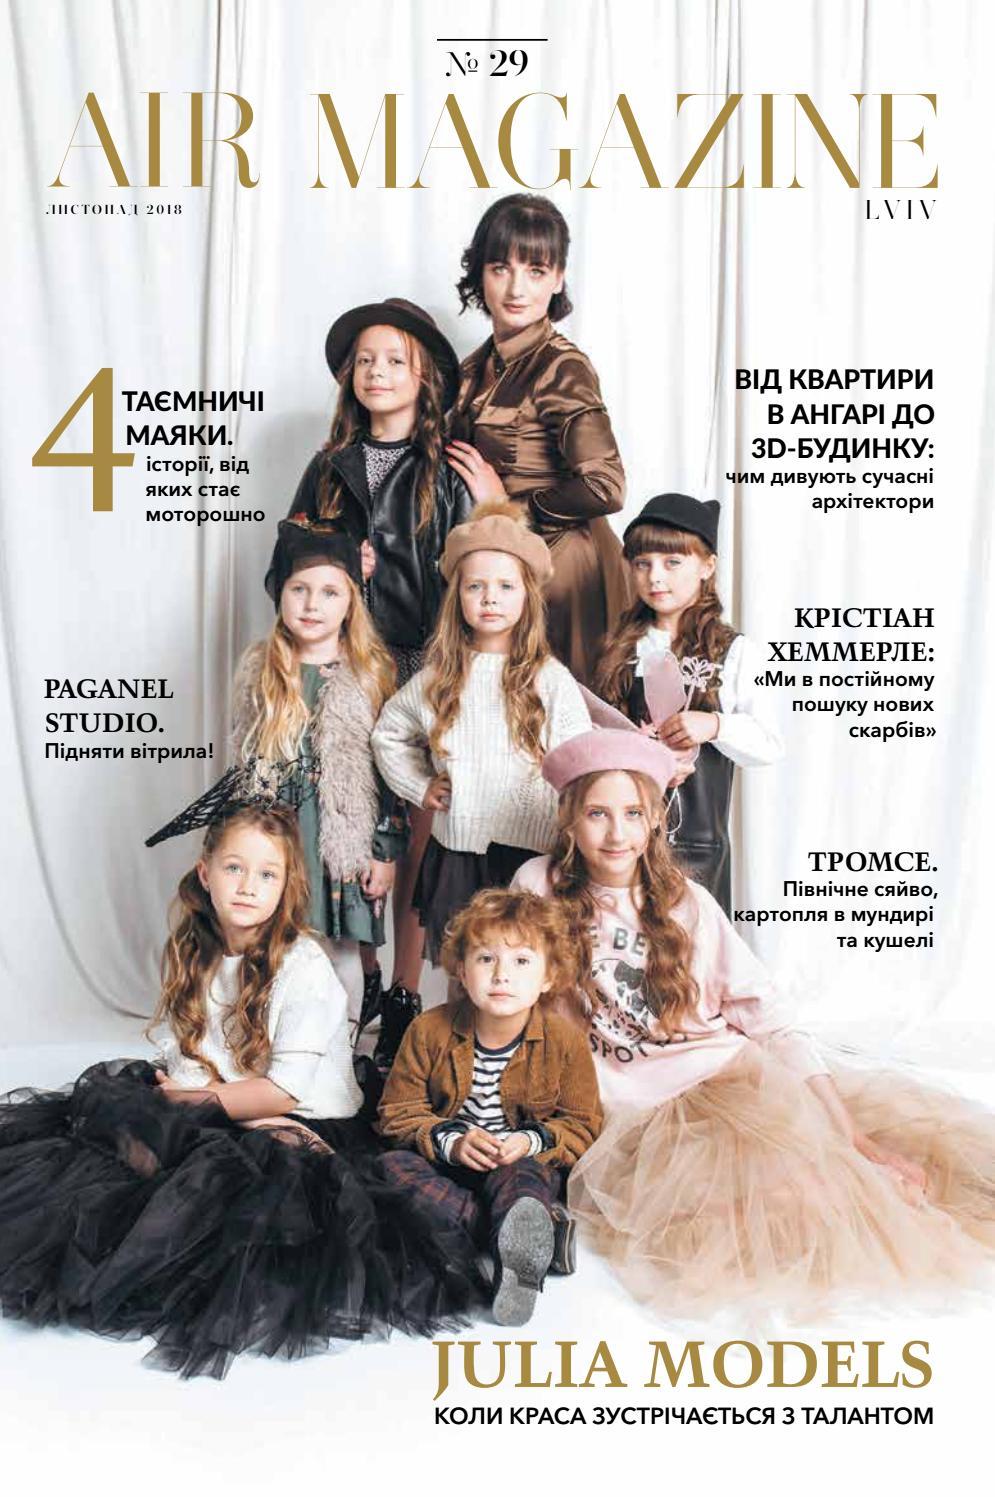 Air Magazine Lviv  29 by AIR MAGAZINE LVIV - issuu 77e27920e3a89